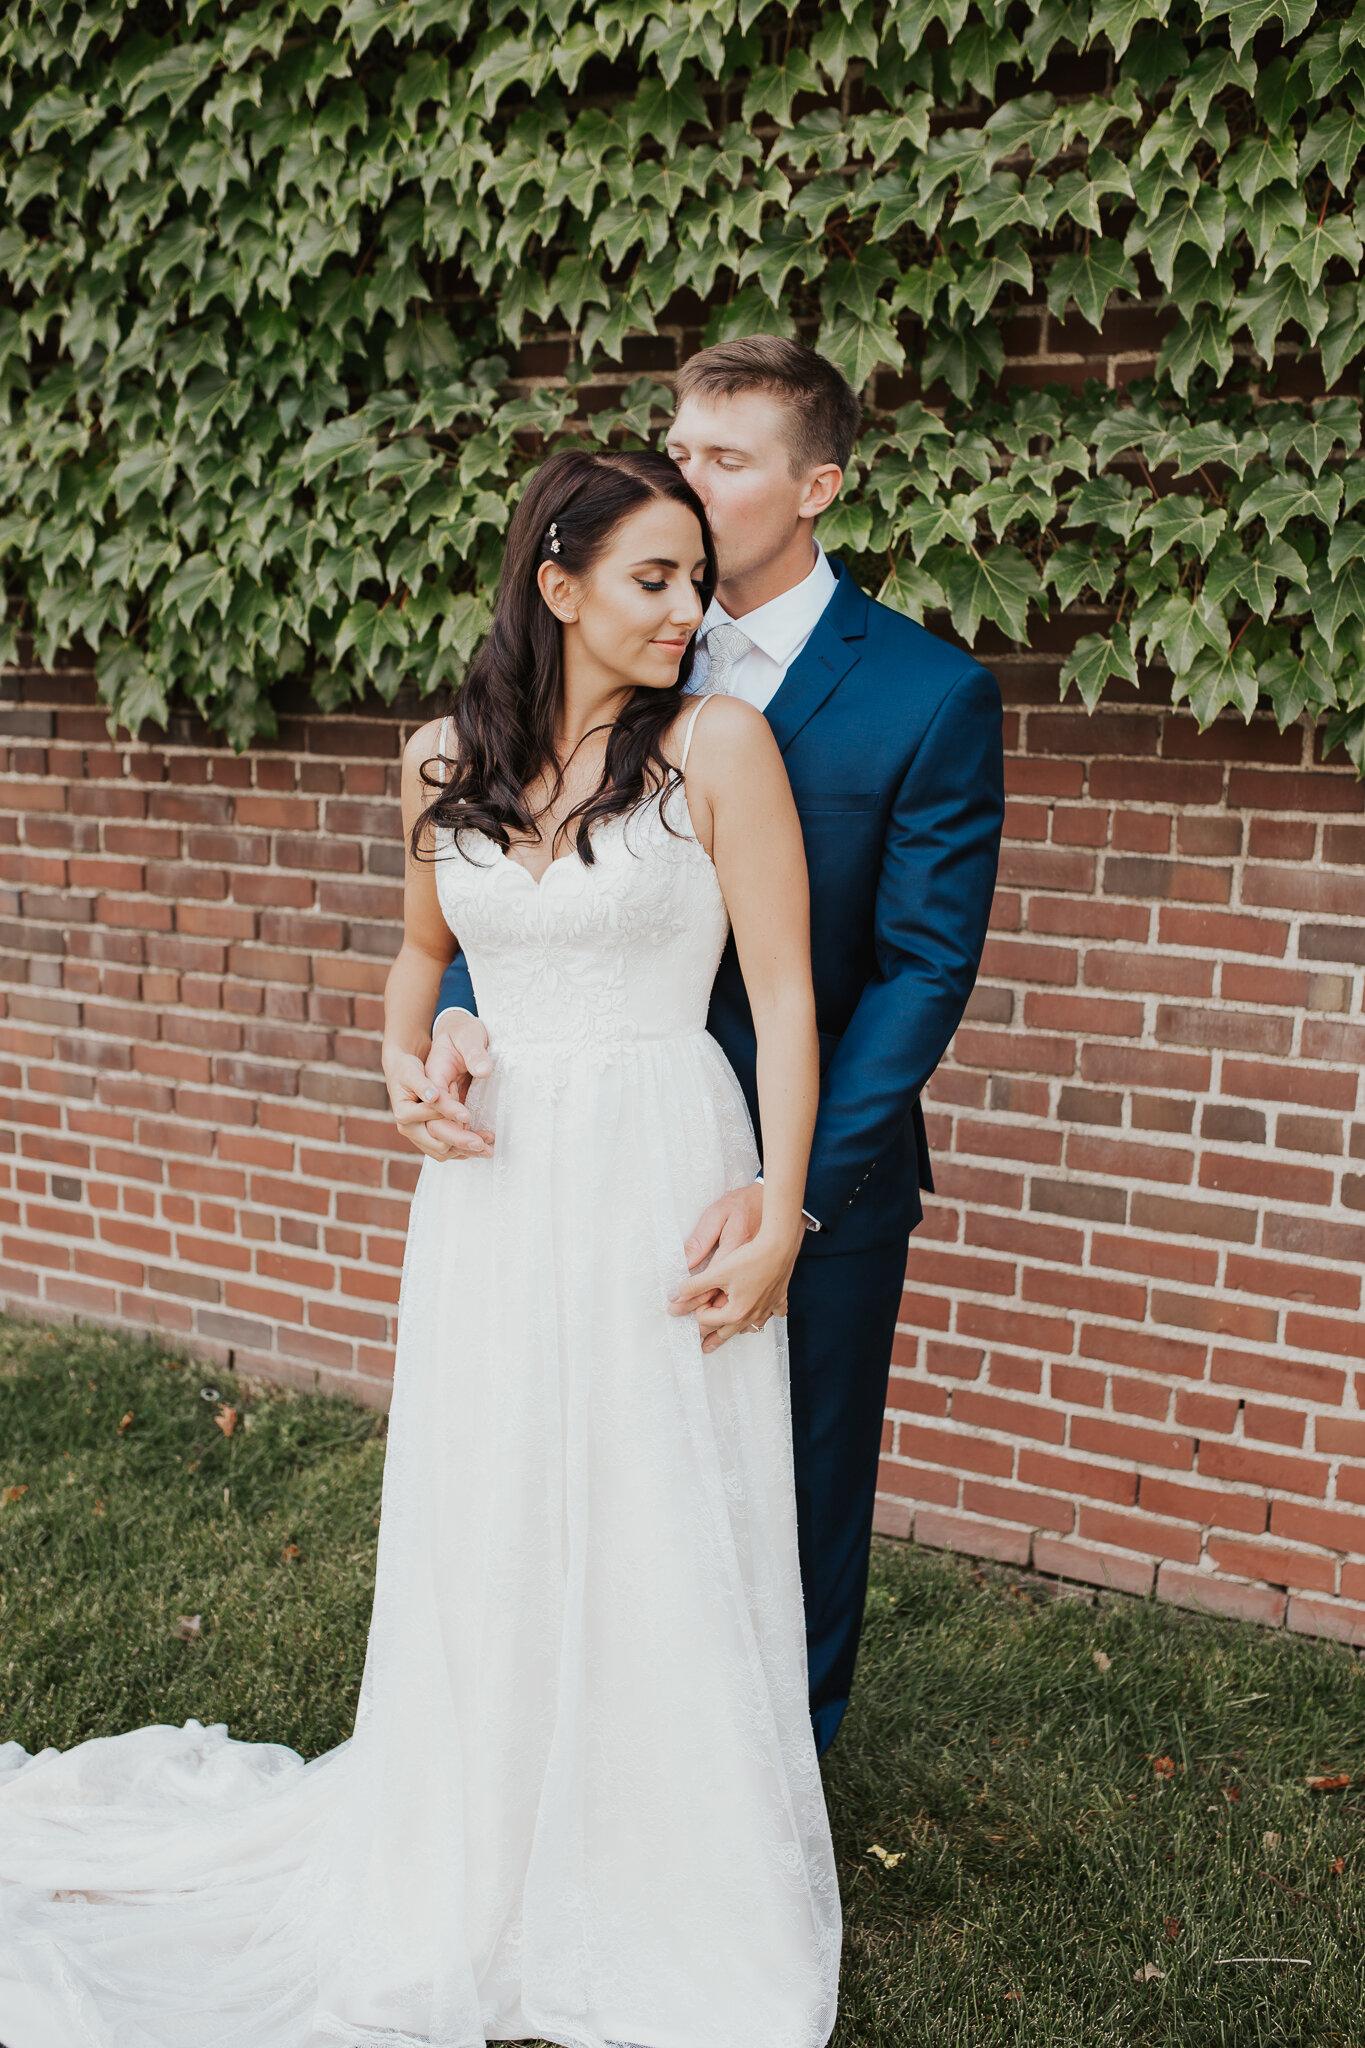 KirstenMatt-Wedding-18.jpg